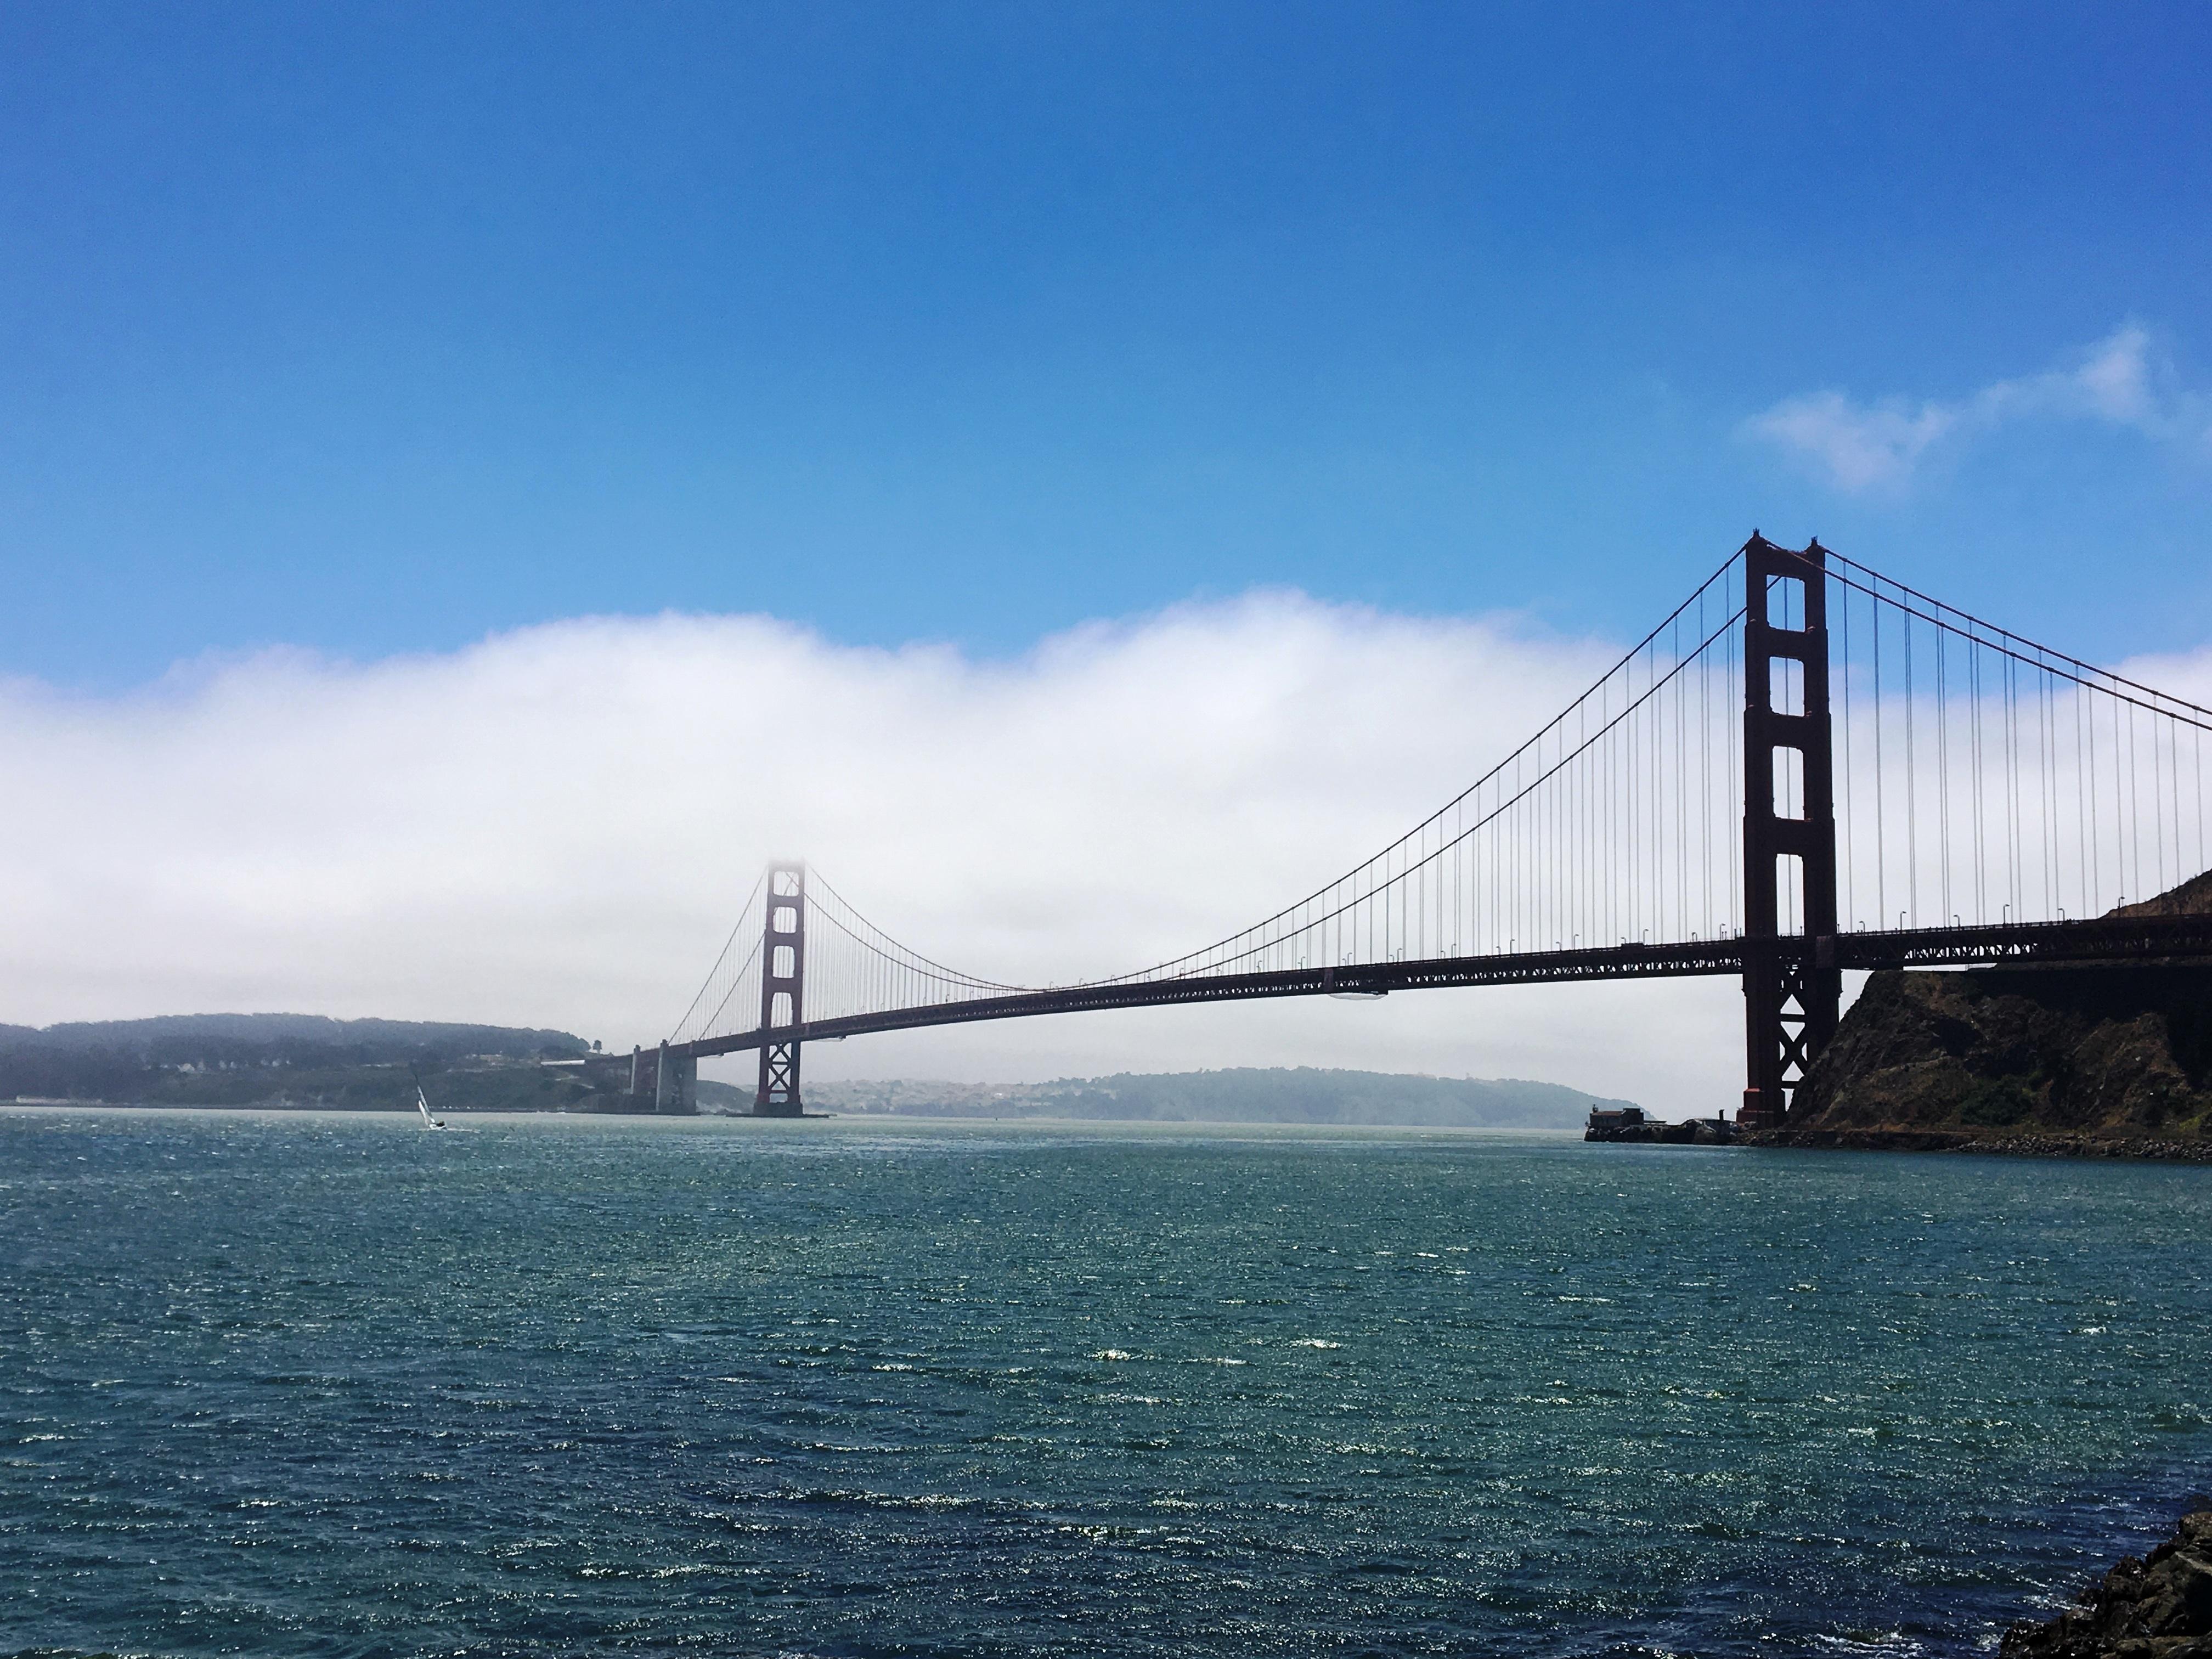 4 jours à San Francisco en famille # Jour 4 Golden Gate - Sausalito - Muir Woods